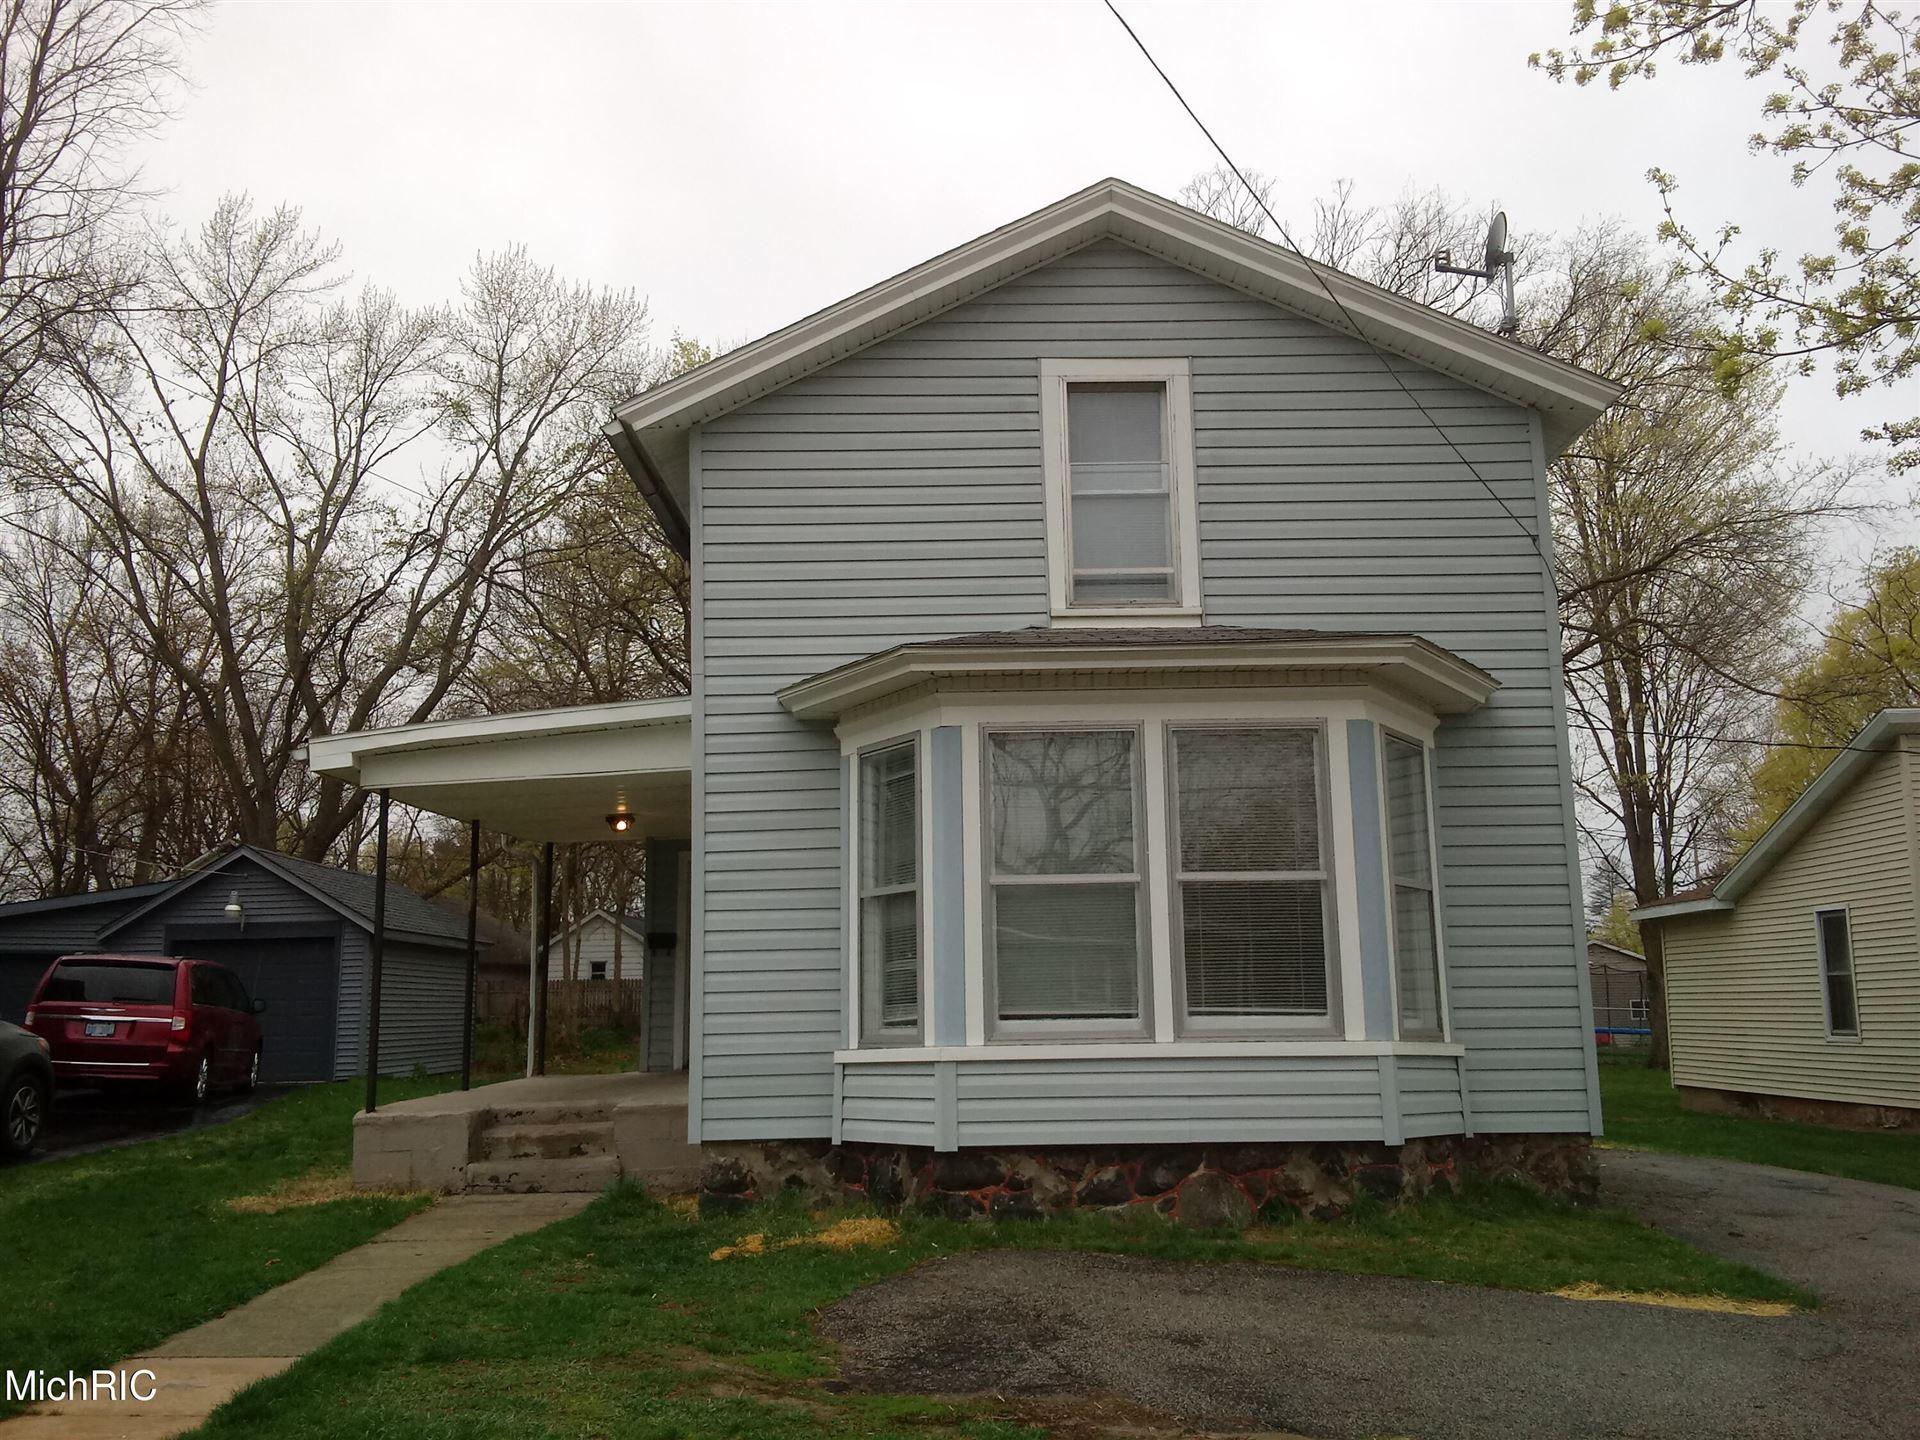 609 Orchard Street, Dowagiac, MI 49047 - MLS#: 21012336